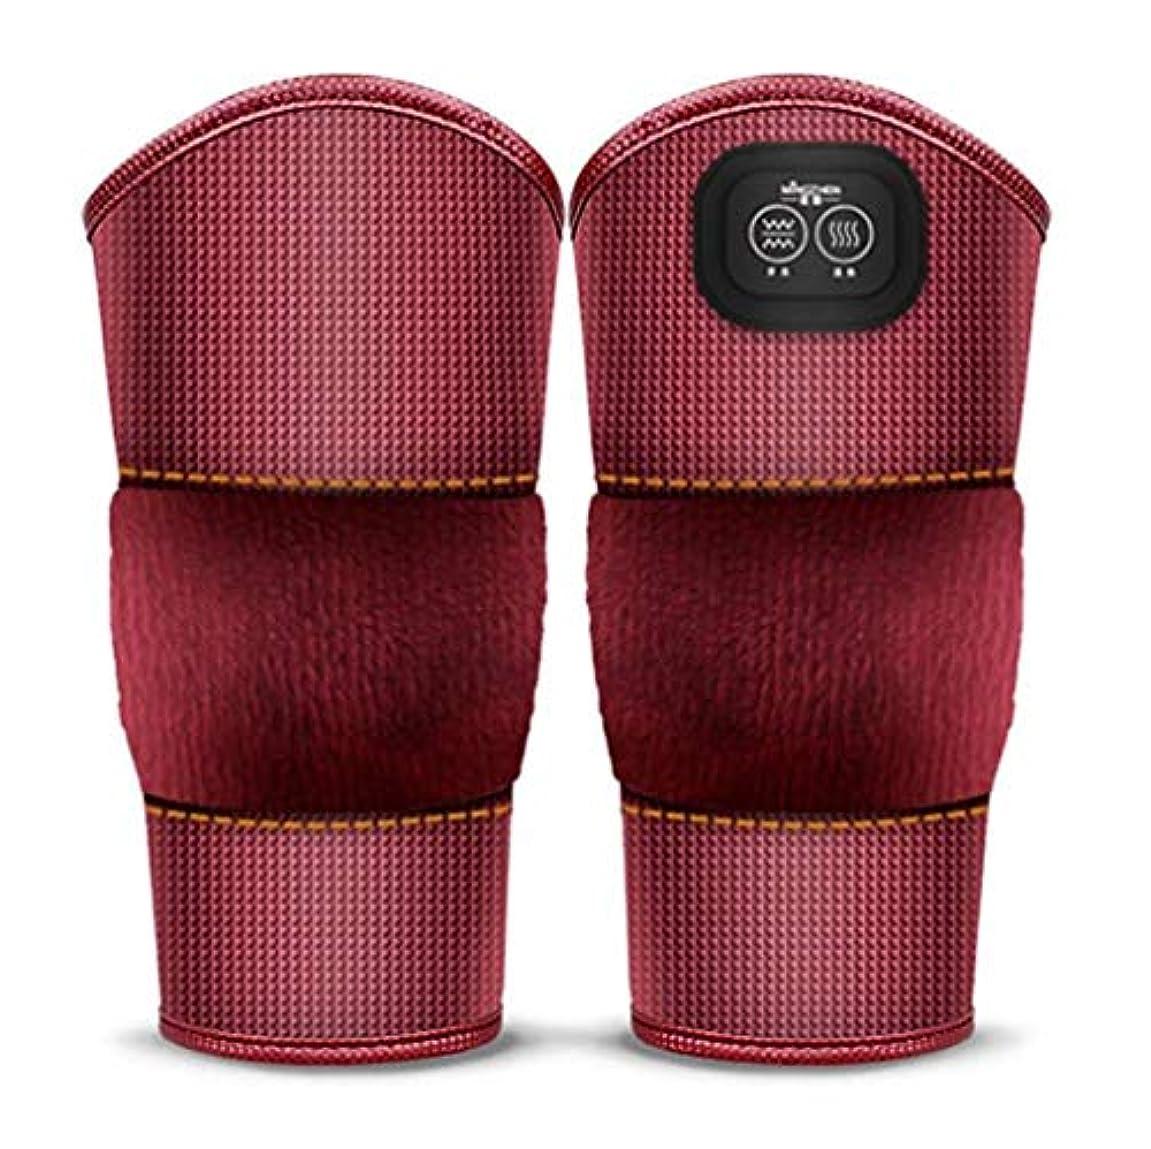 モーターバッフル百年マッサージ加熱膝ブレースラップ、プロフェッショナルな膝サポートパッド、膝捻挫の痛み、関節炎の痛み、古い冷たい脚の関節痛